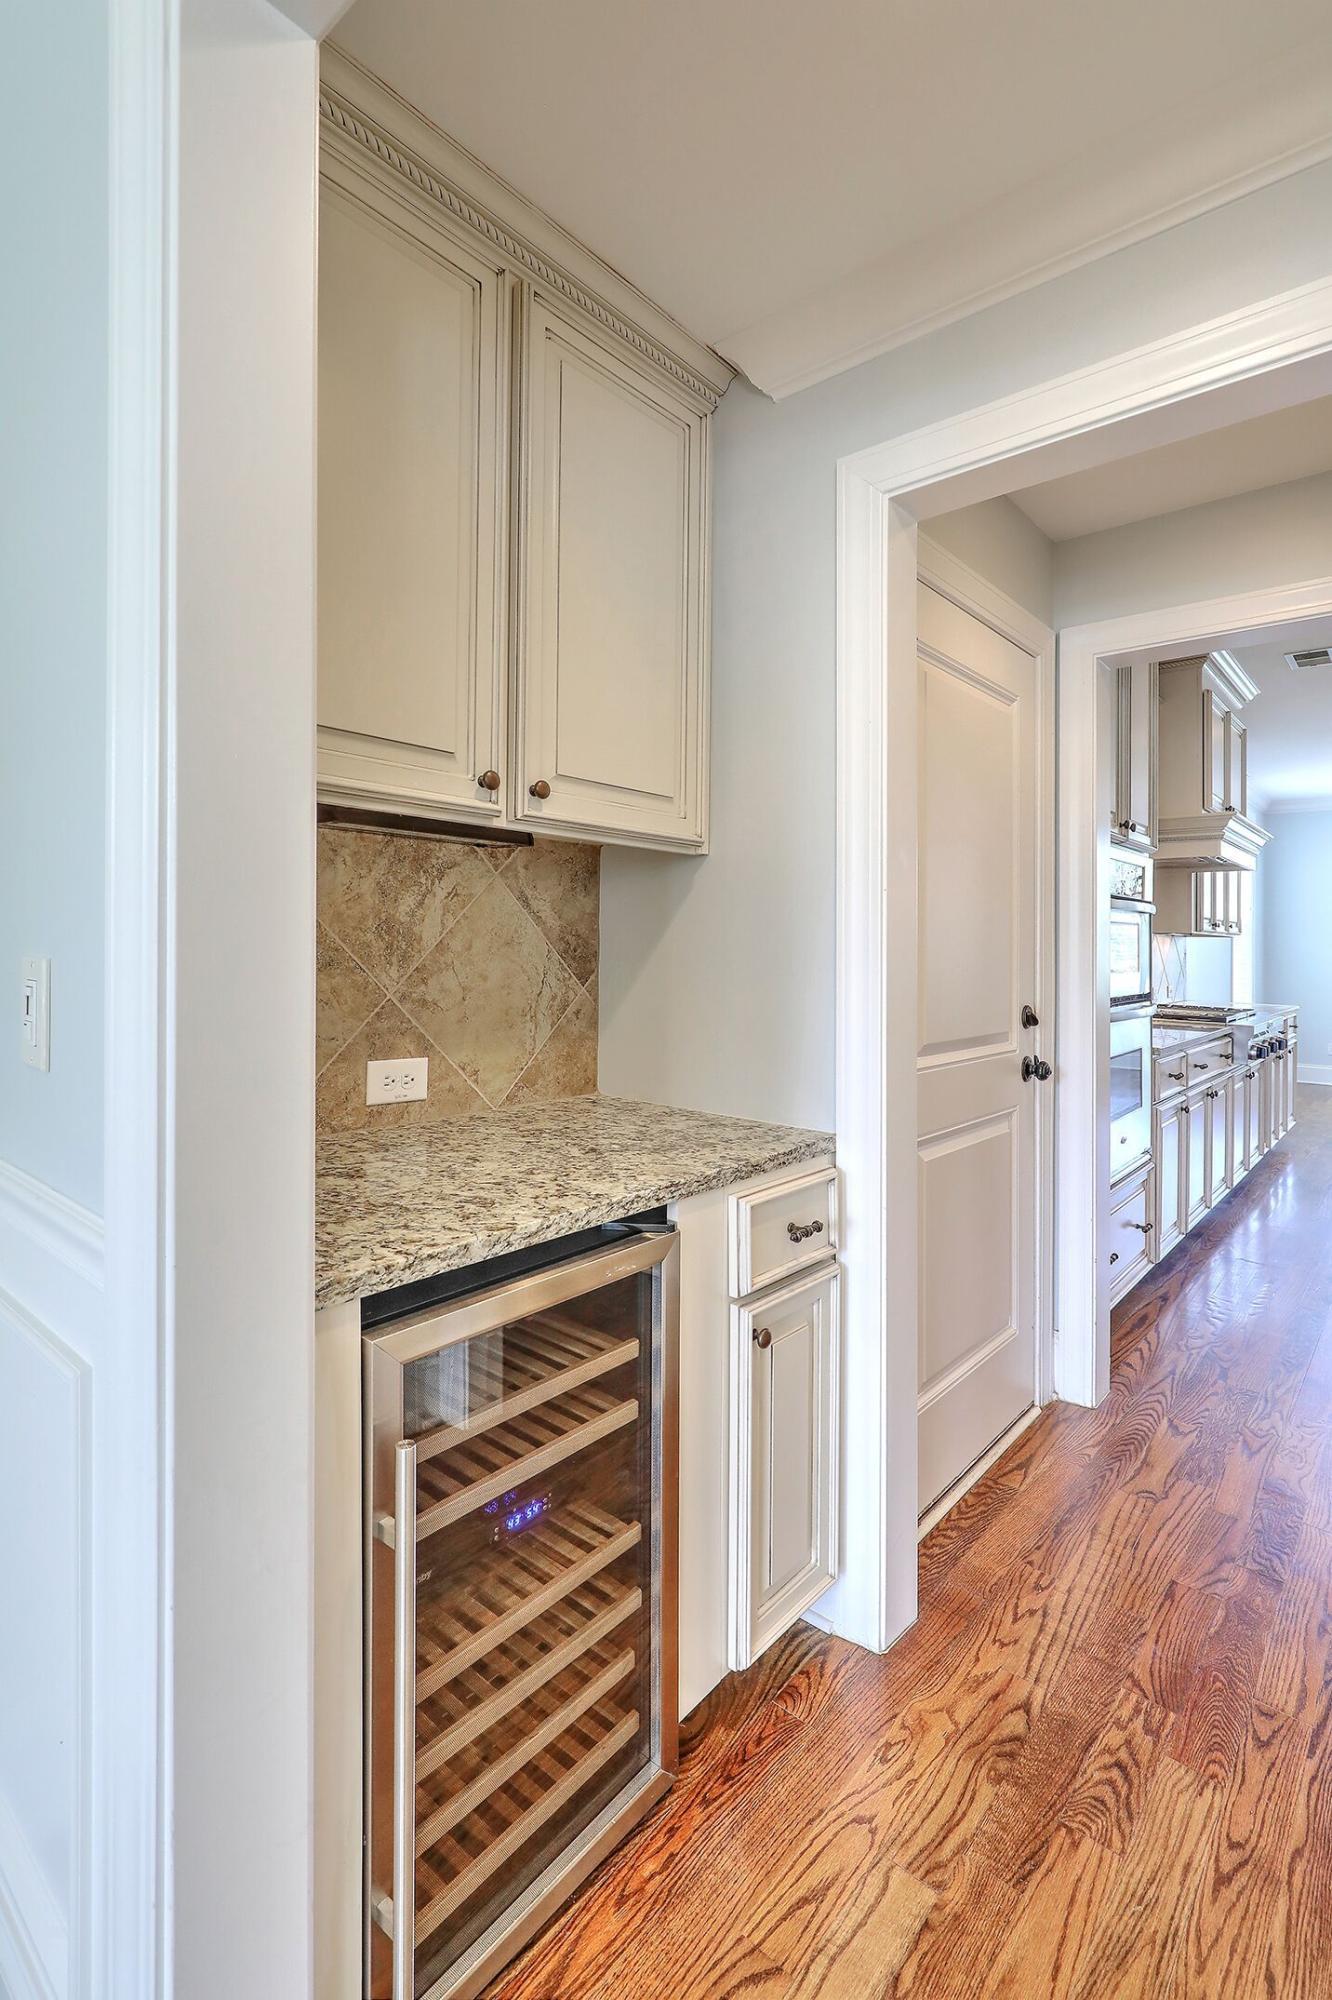 Dunes West Homes For Sale - 2970 Sturbridge, Mount Pleasant, SC - 7